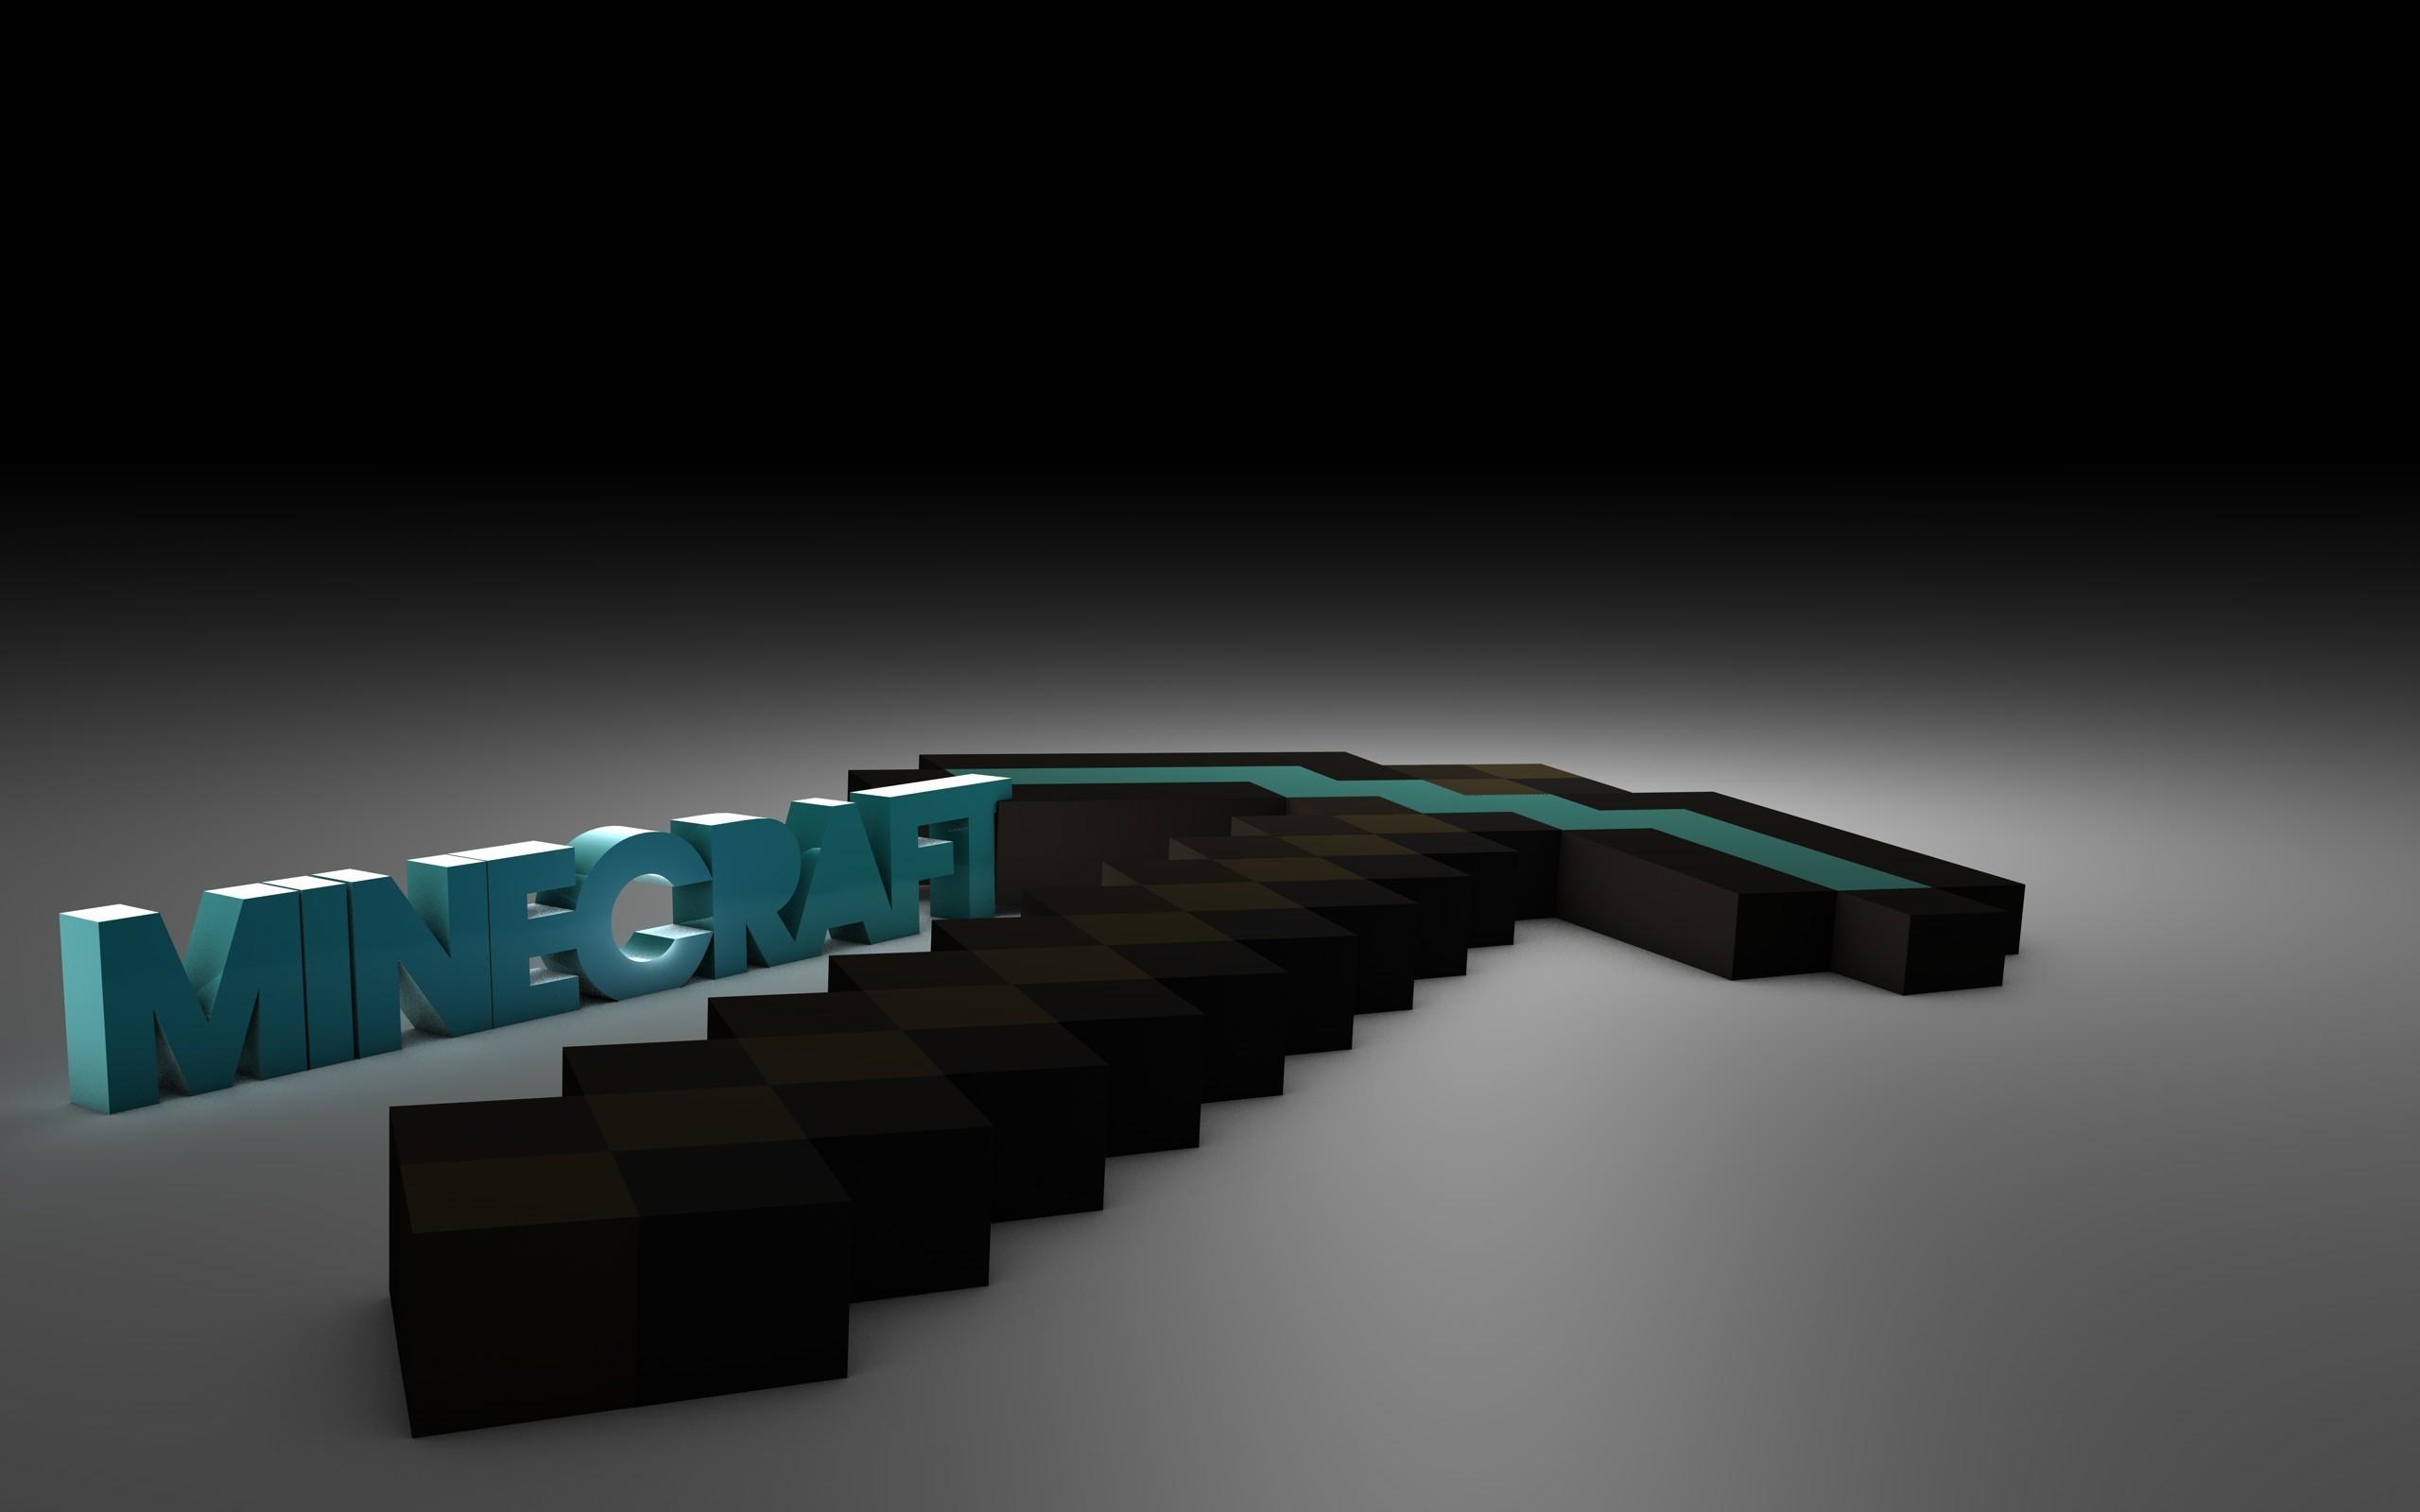 3D Diamond Pickaxe Minecraft Wallpaper